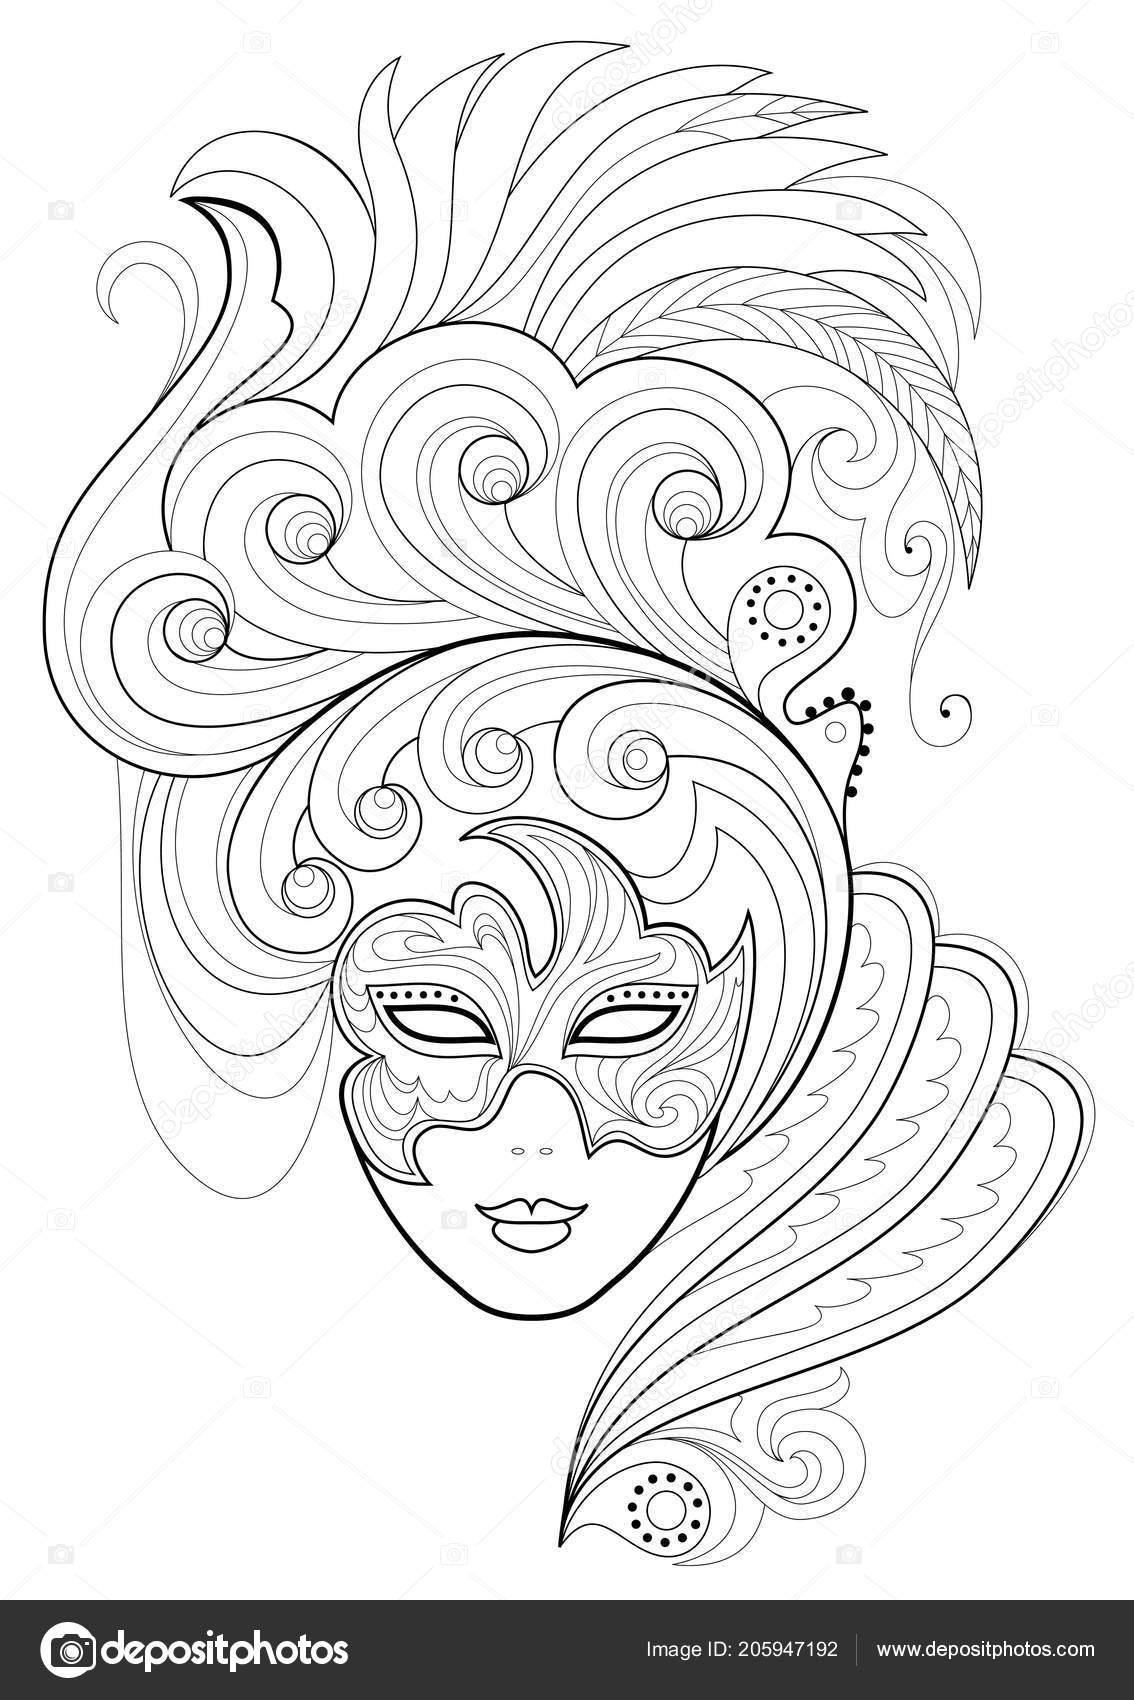 Siyah Beyaz Sayfa Boyama Fantezi Kadının Suratına Bir Karnaval